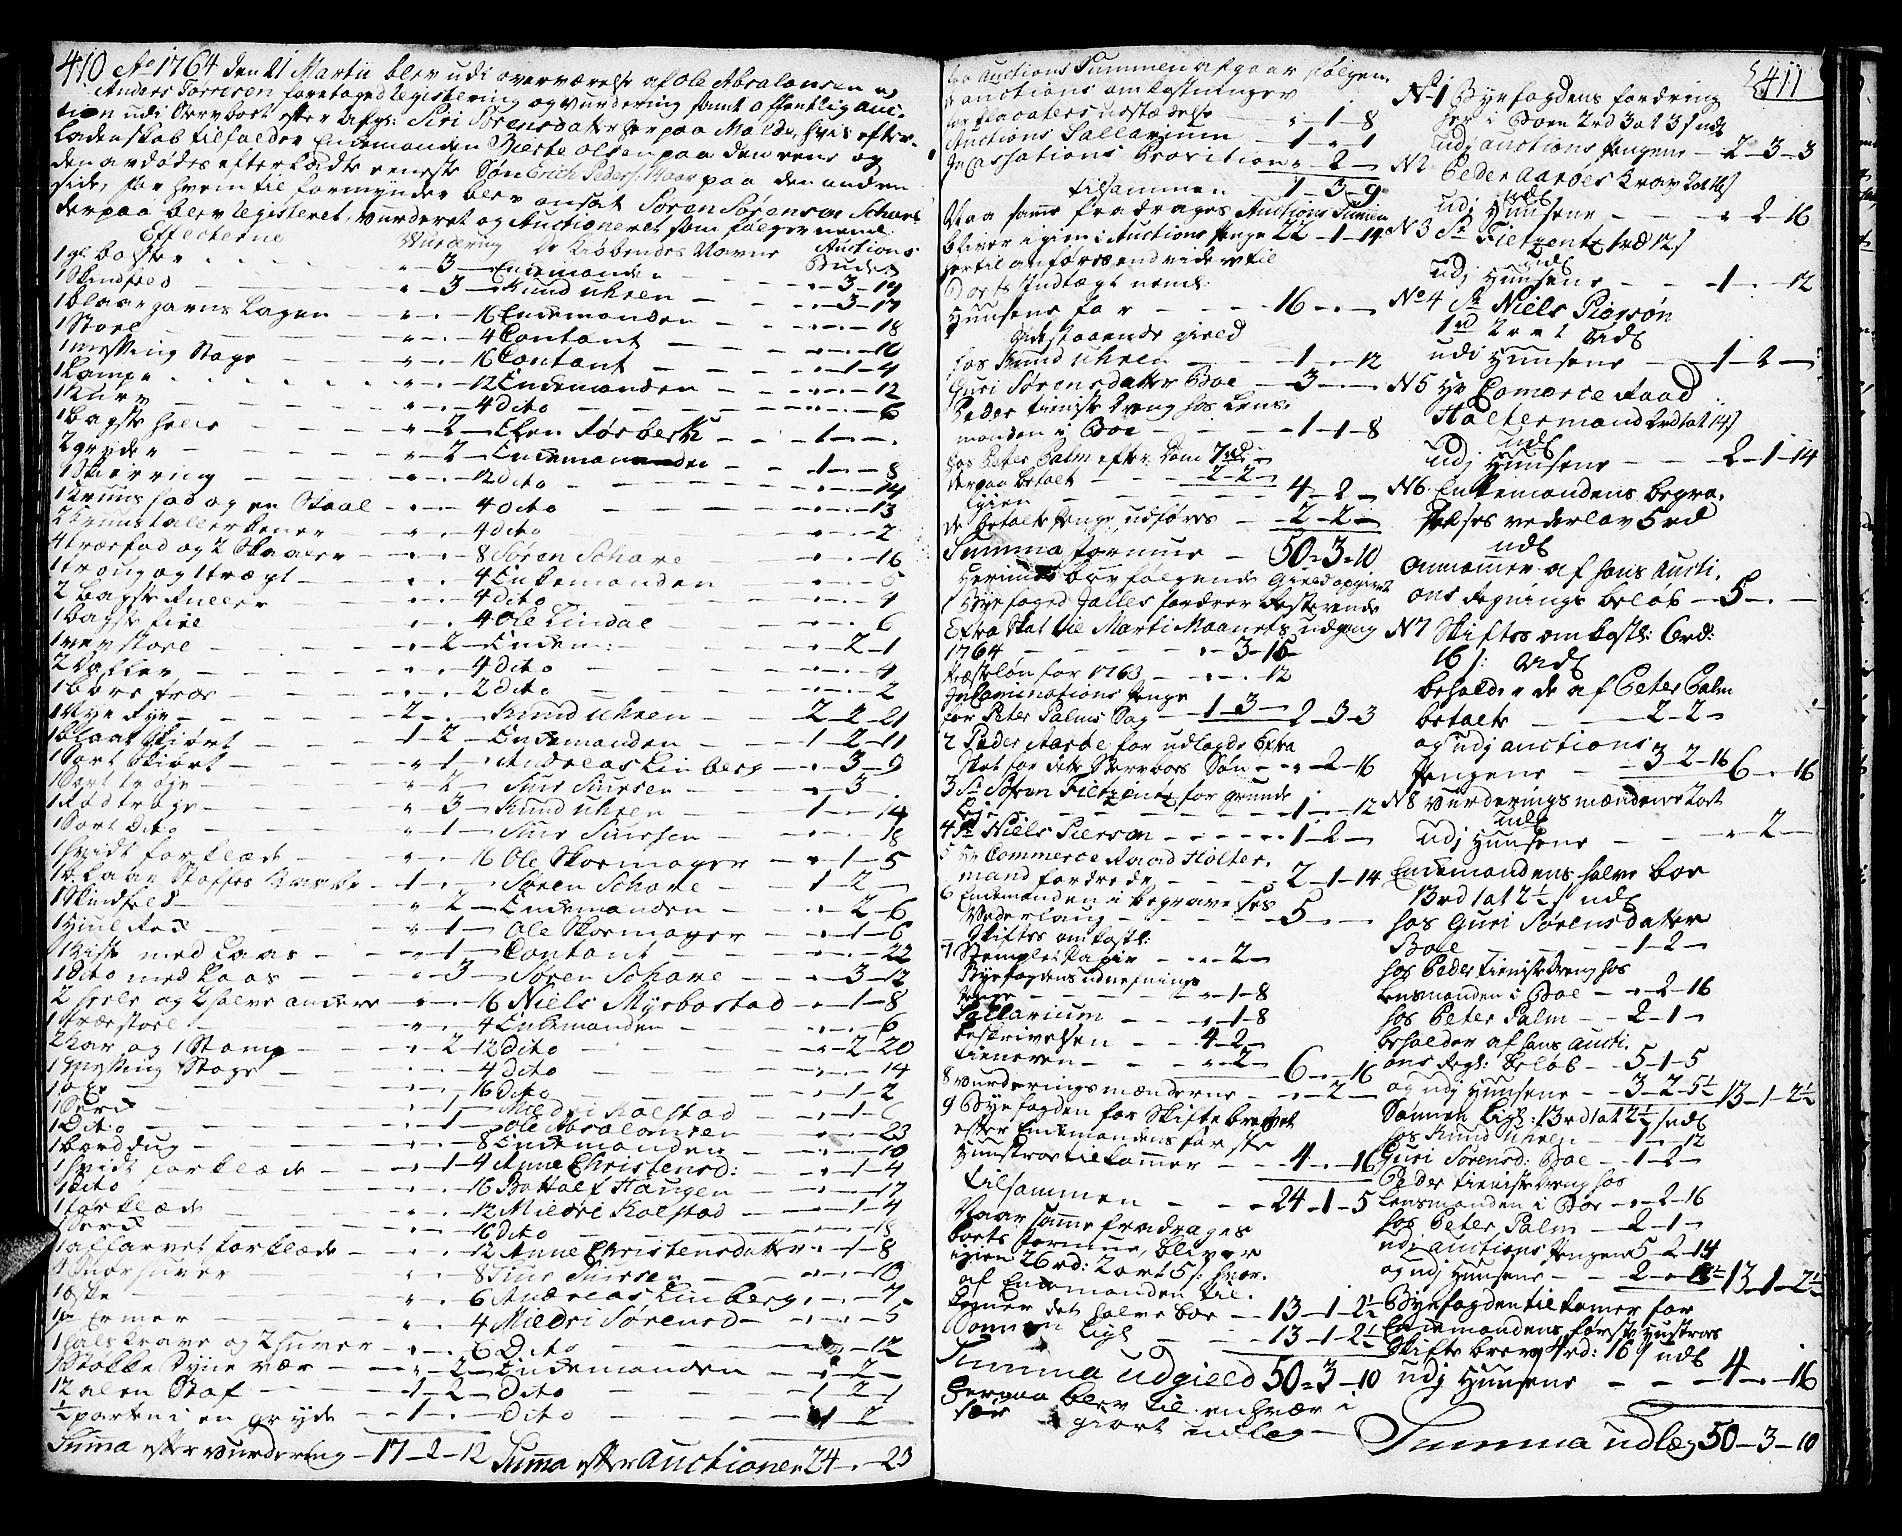 SAT, Molde byfogd, 3/3Aa/L0001: Skifteprotokoll, 1748-1768, s. 410-411